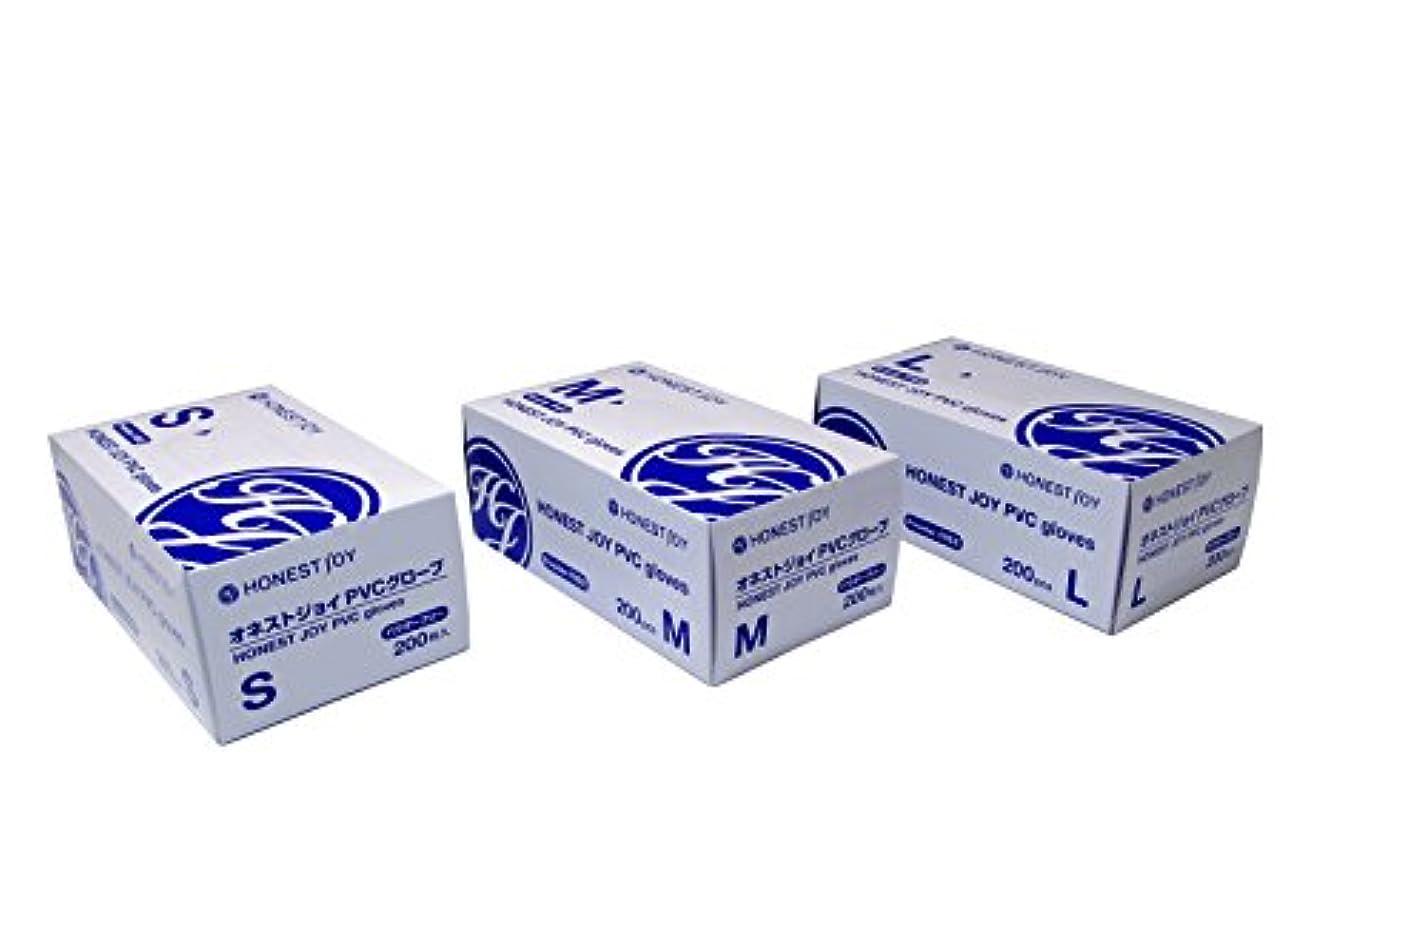 大使ご近所に向かってオネストジョイ PVC グローブ パウダーフリー Mサイズ 1箱200枚入り